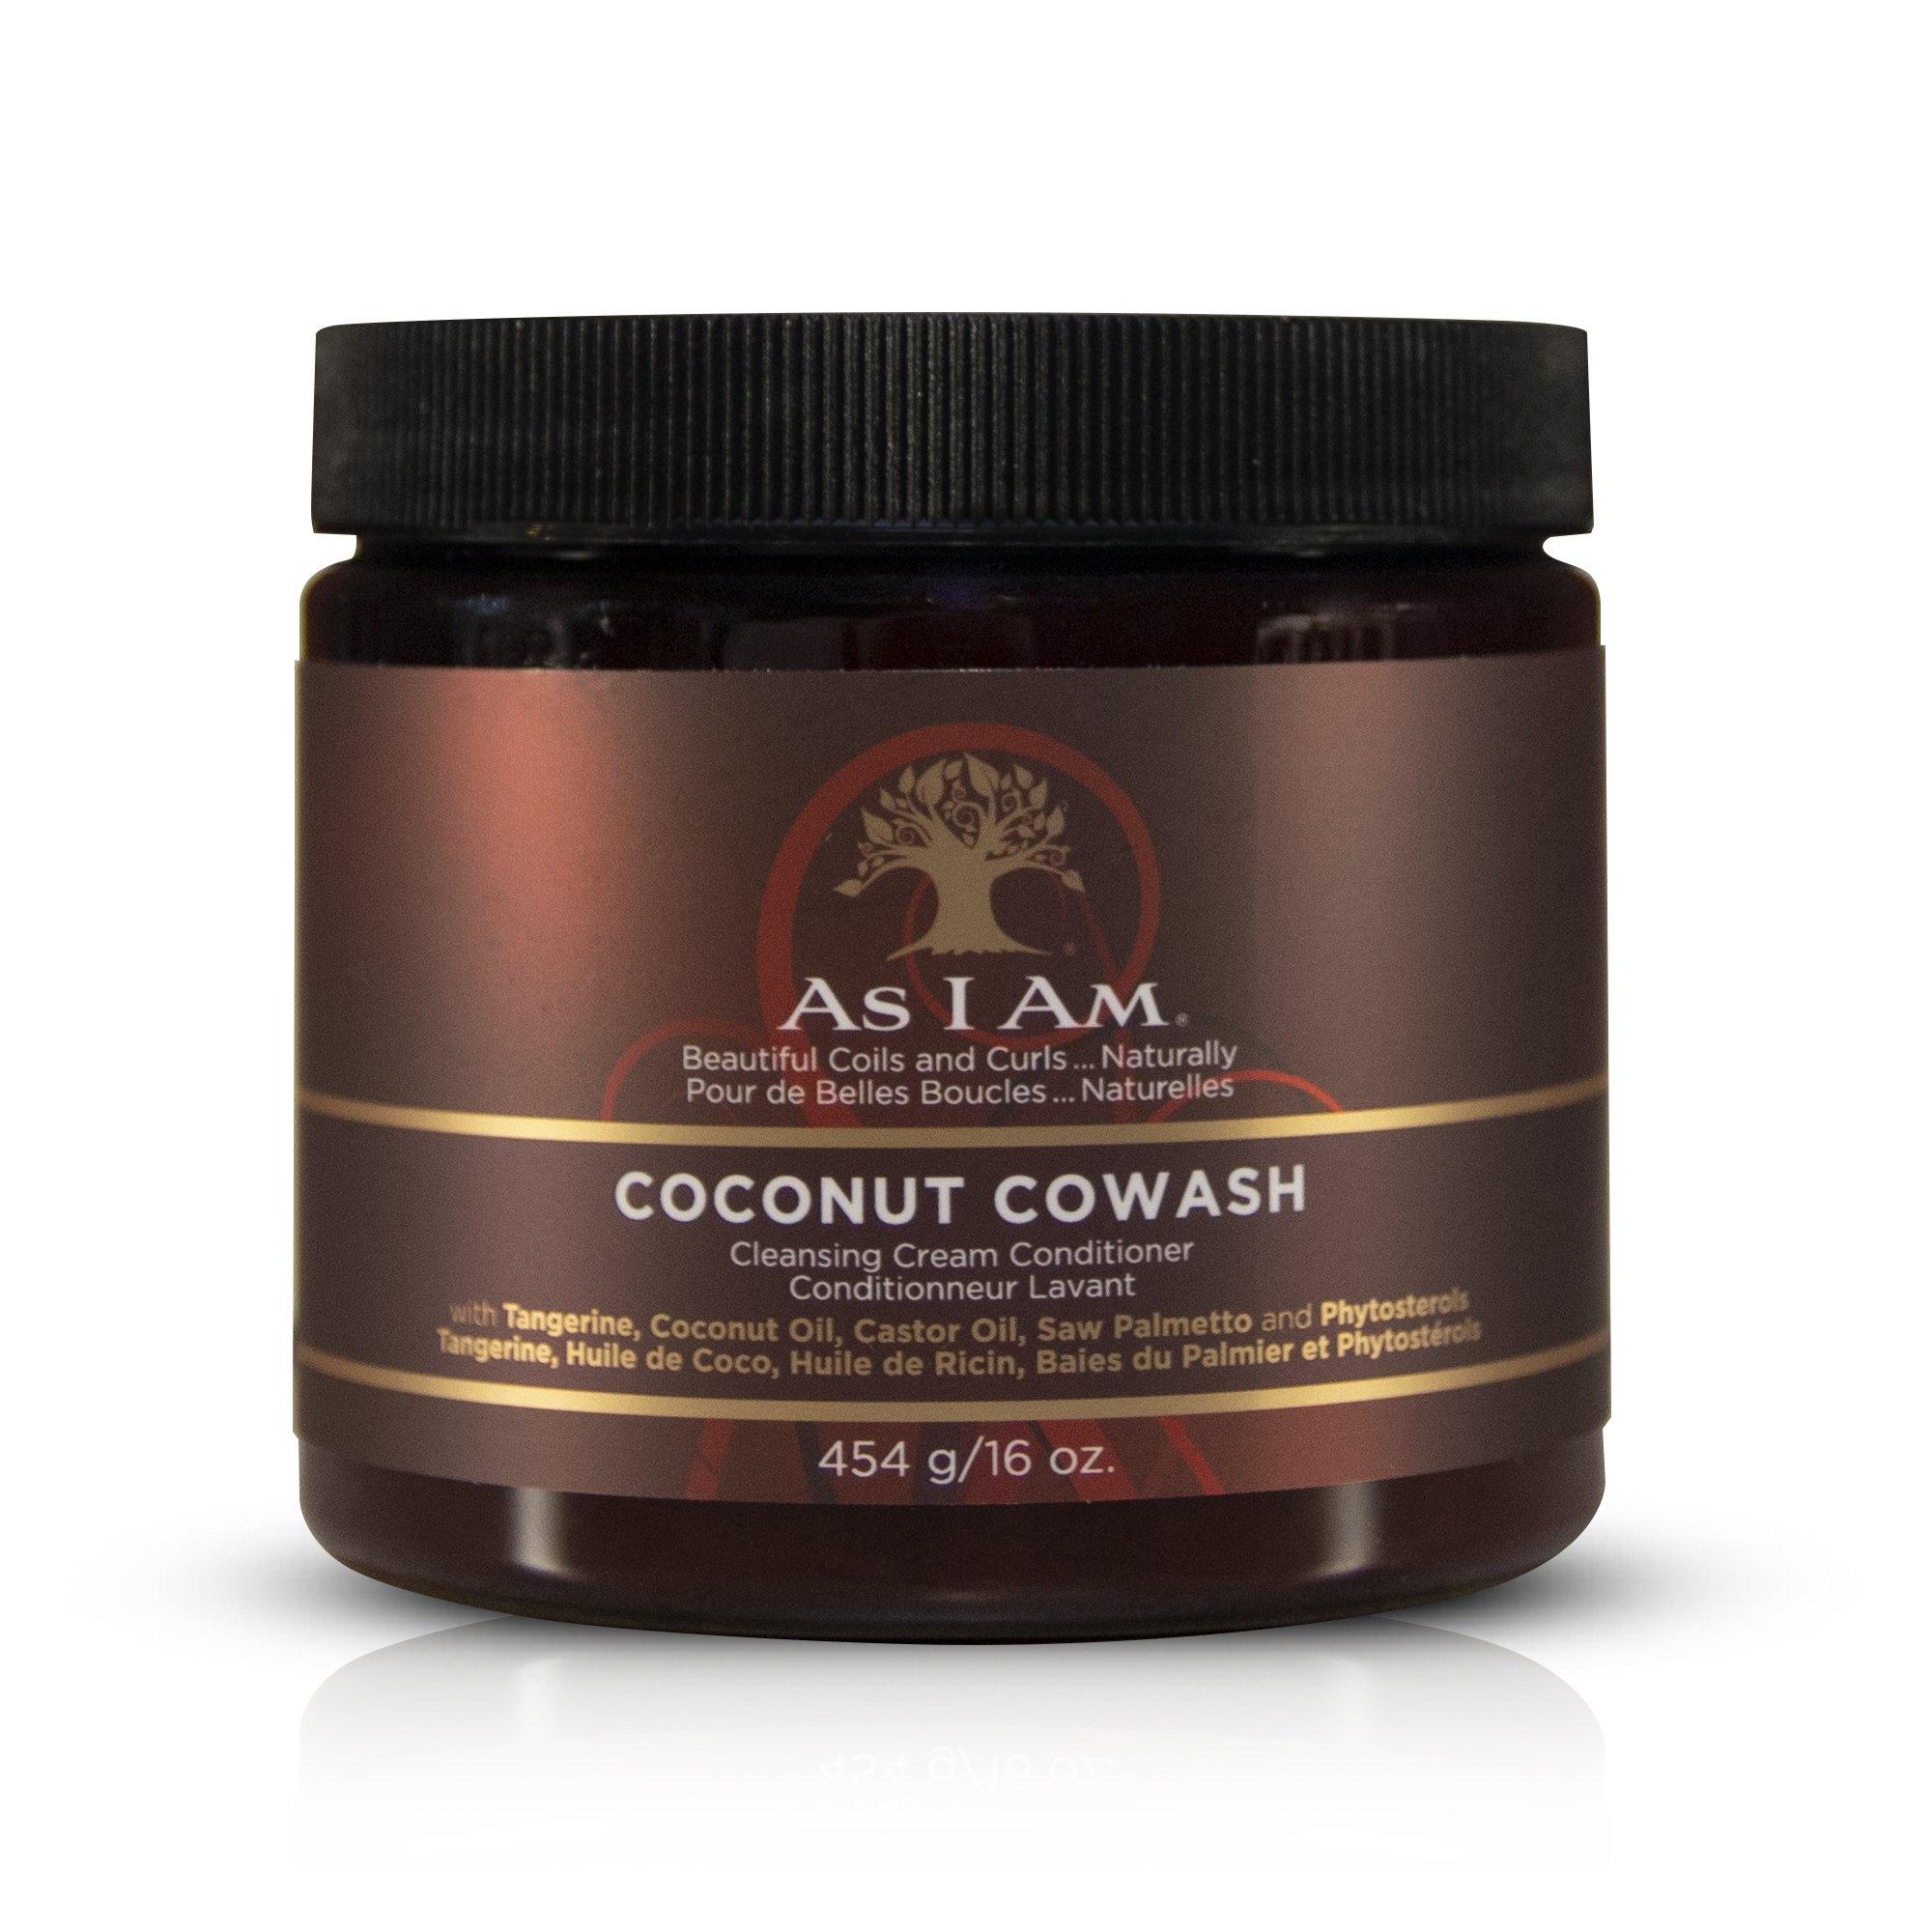 As I Am - Coconut CoWash (Conditionneur Lavant)